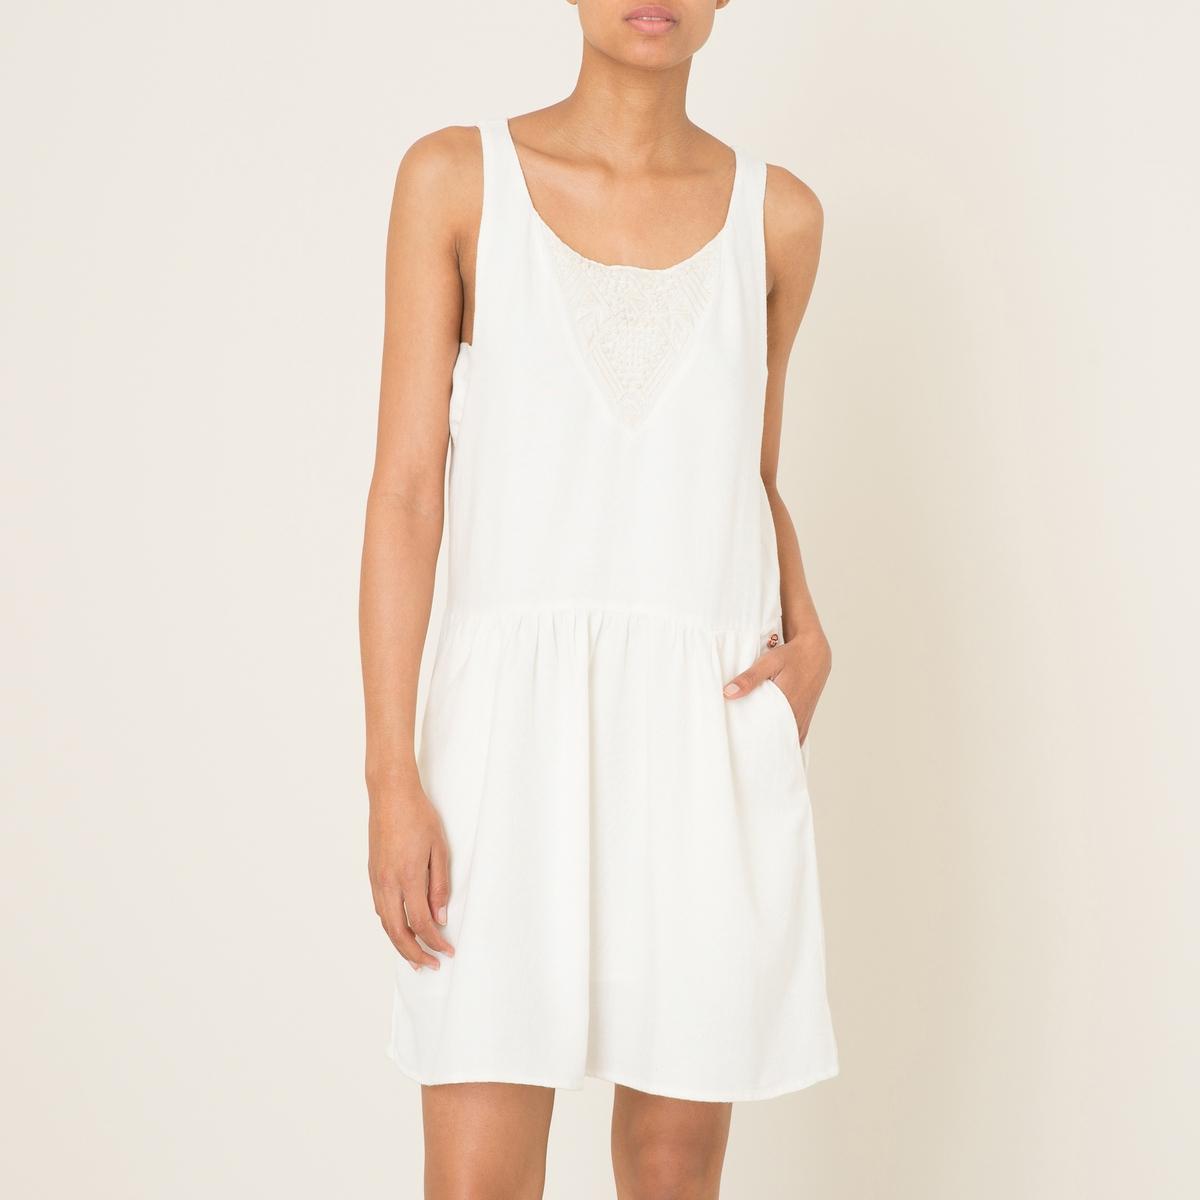 Платье с вышивкойСостав и описание    Материал : 55% вискозы, 45% хлопка.   Марка : HARRIS WILSON<br><br>Цвет: экрю<br>Размер: 3(L)